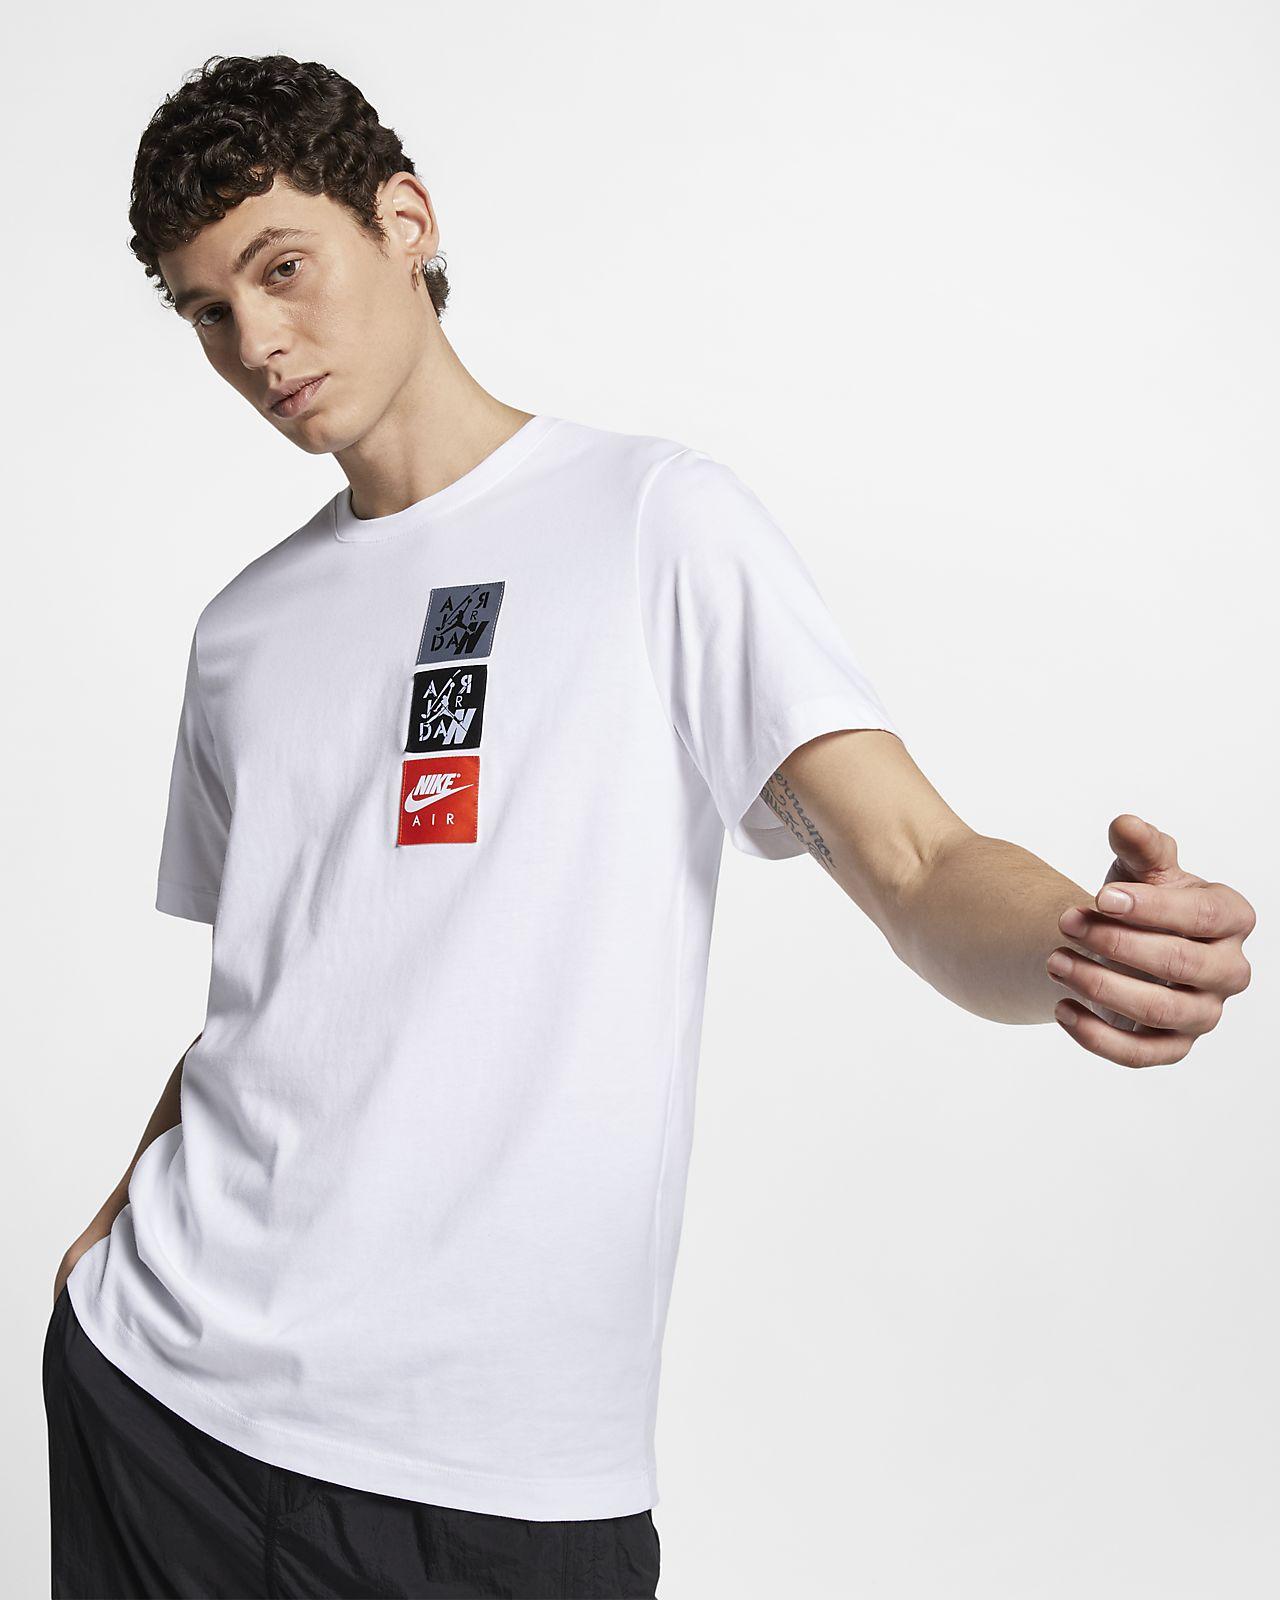 T-shirt męski Jordan Legacy AJ4 Woven Labels